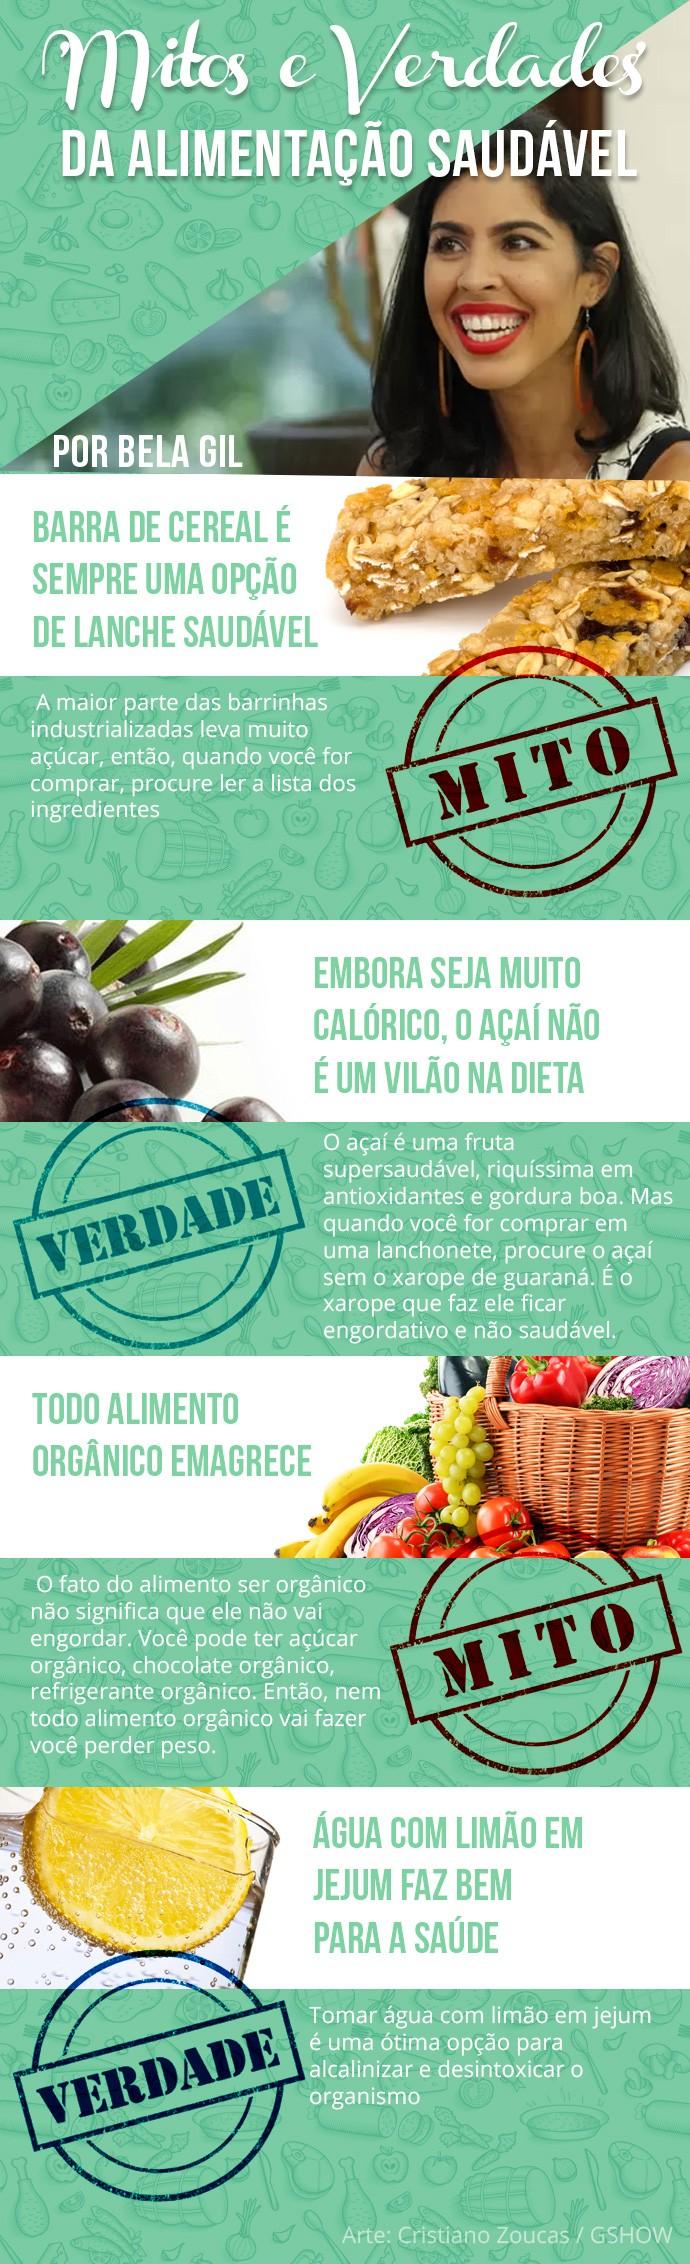 Mitos e verdades da alimentação saudável por Bela Gil (Foto: Gshow)